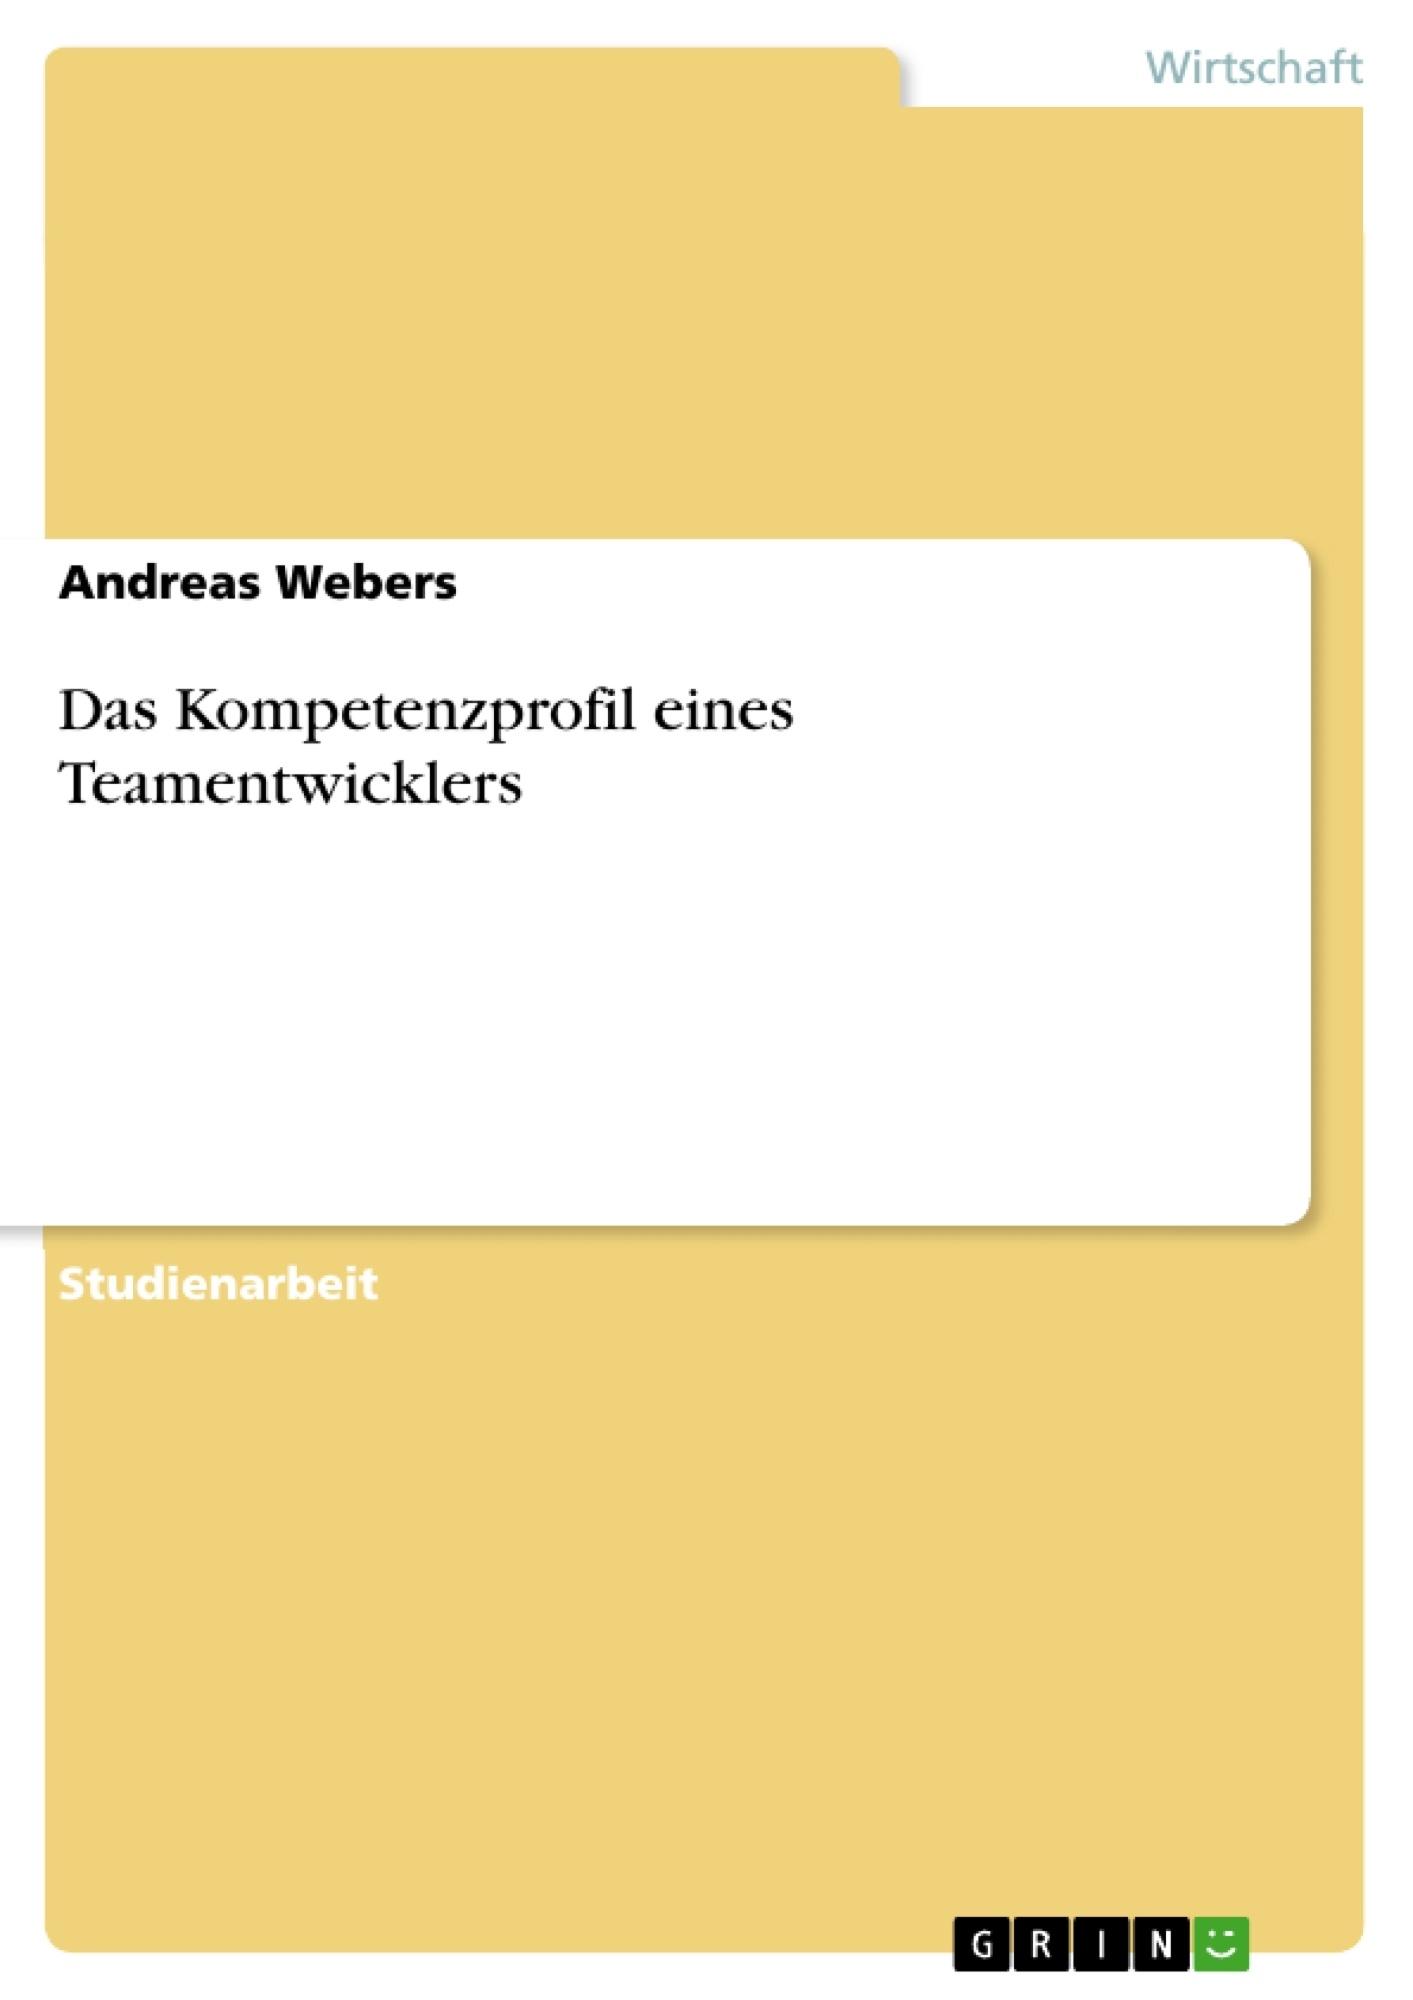 Titel: Das Kompetenzprofil eines Teamentwicklers